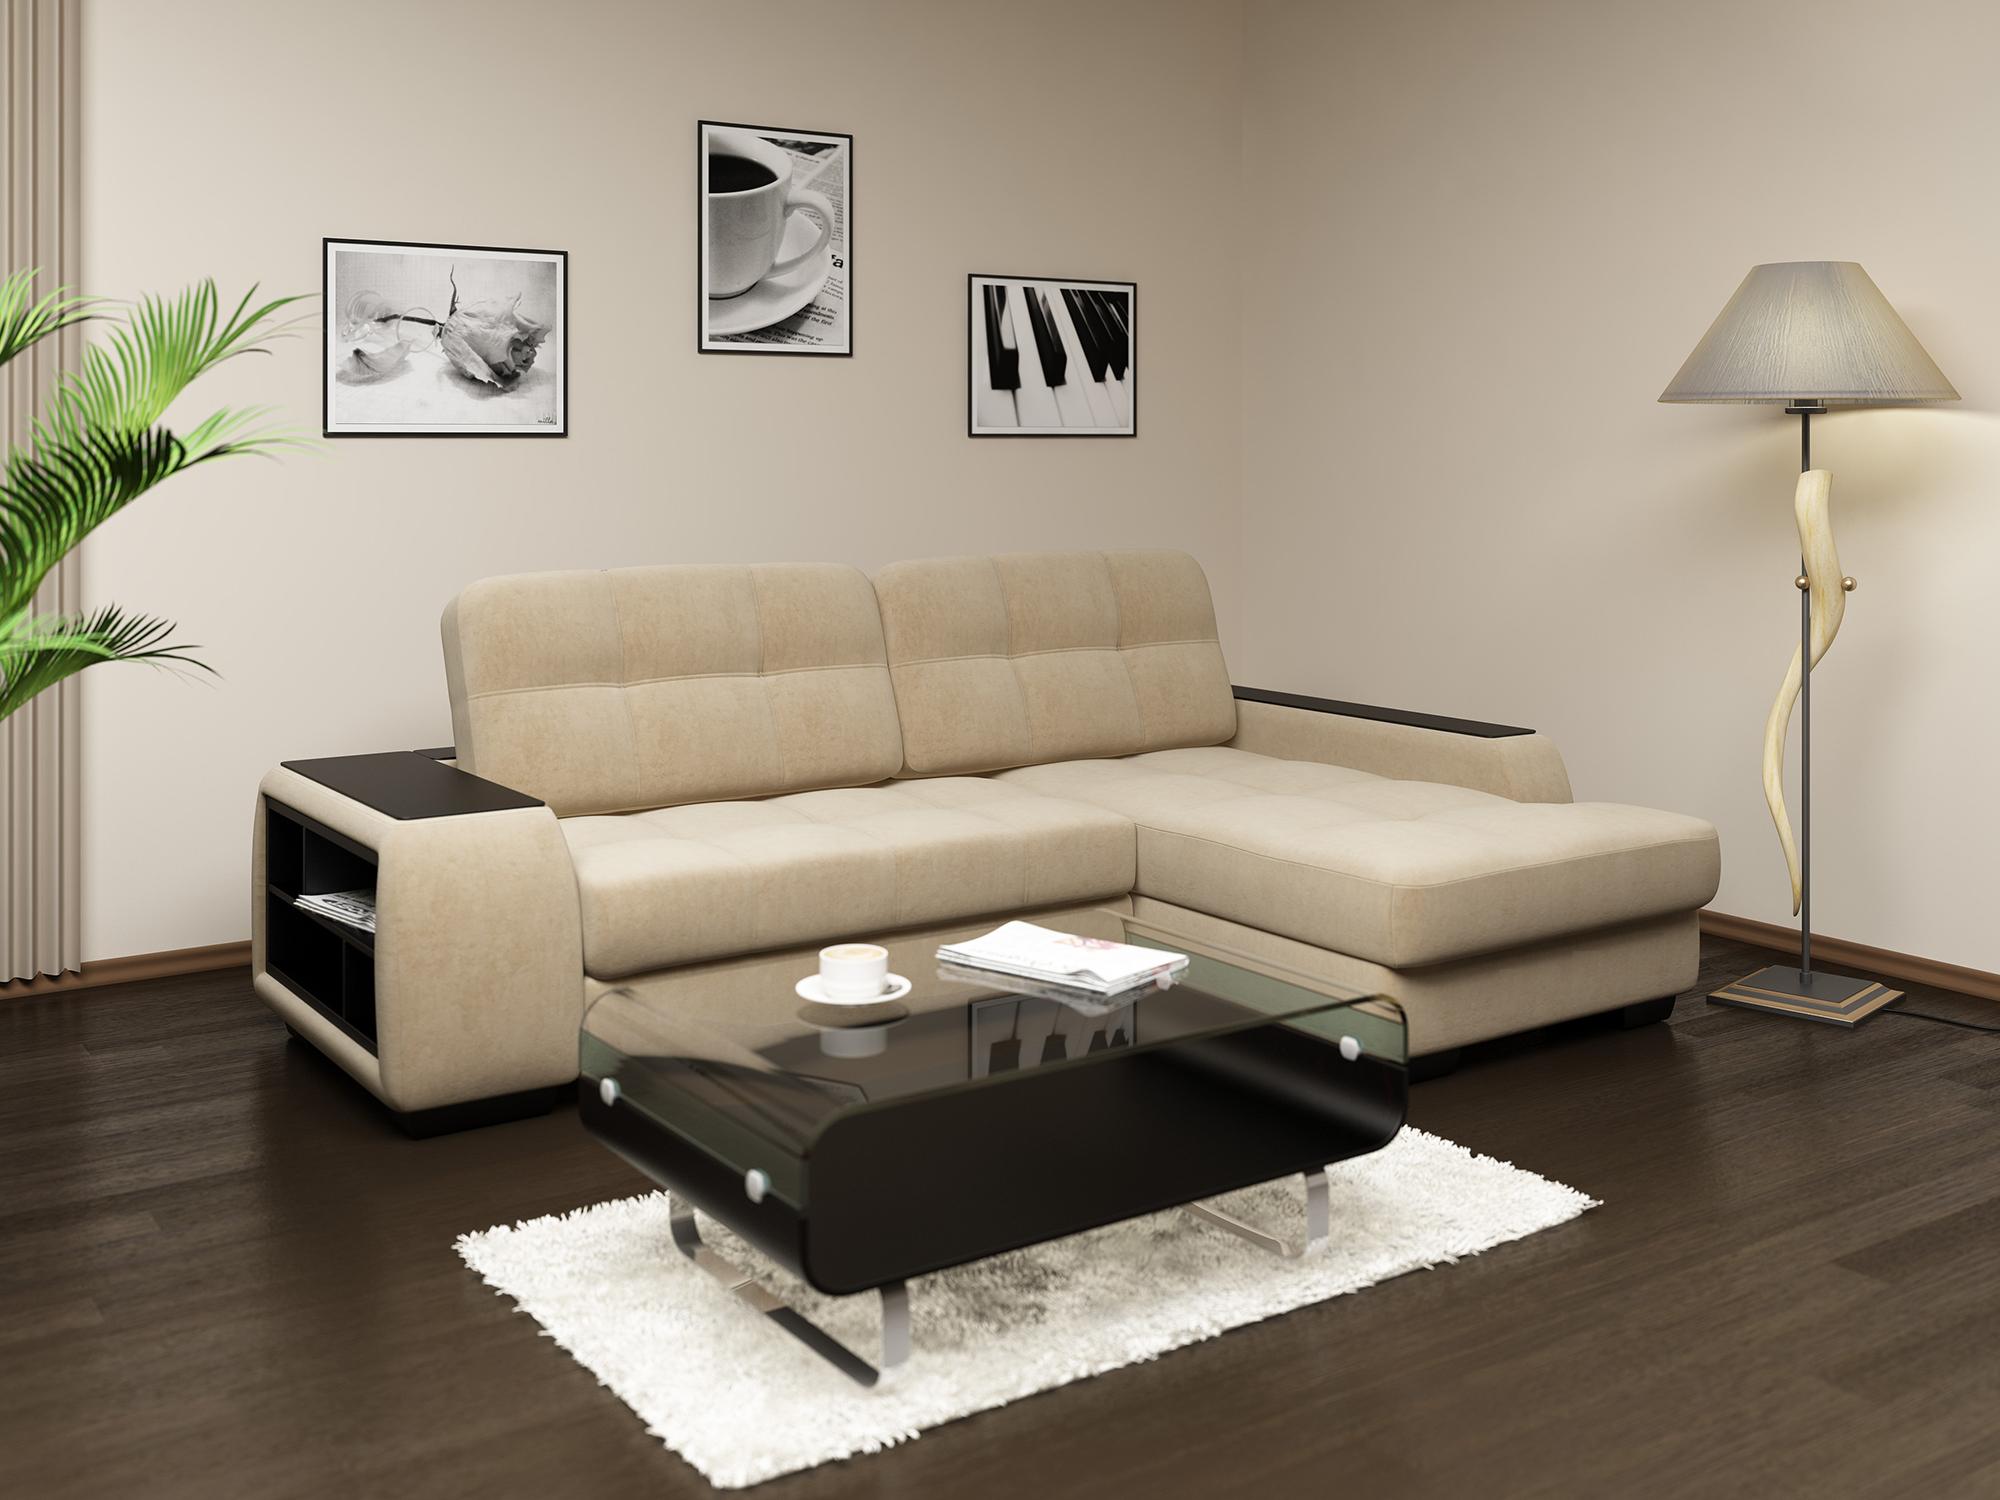 Бежево-черный диван еврокнижка